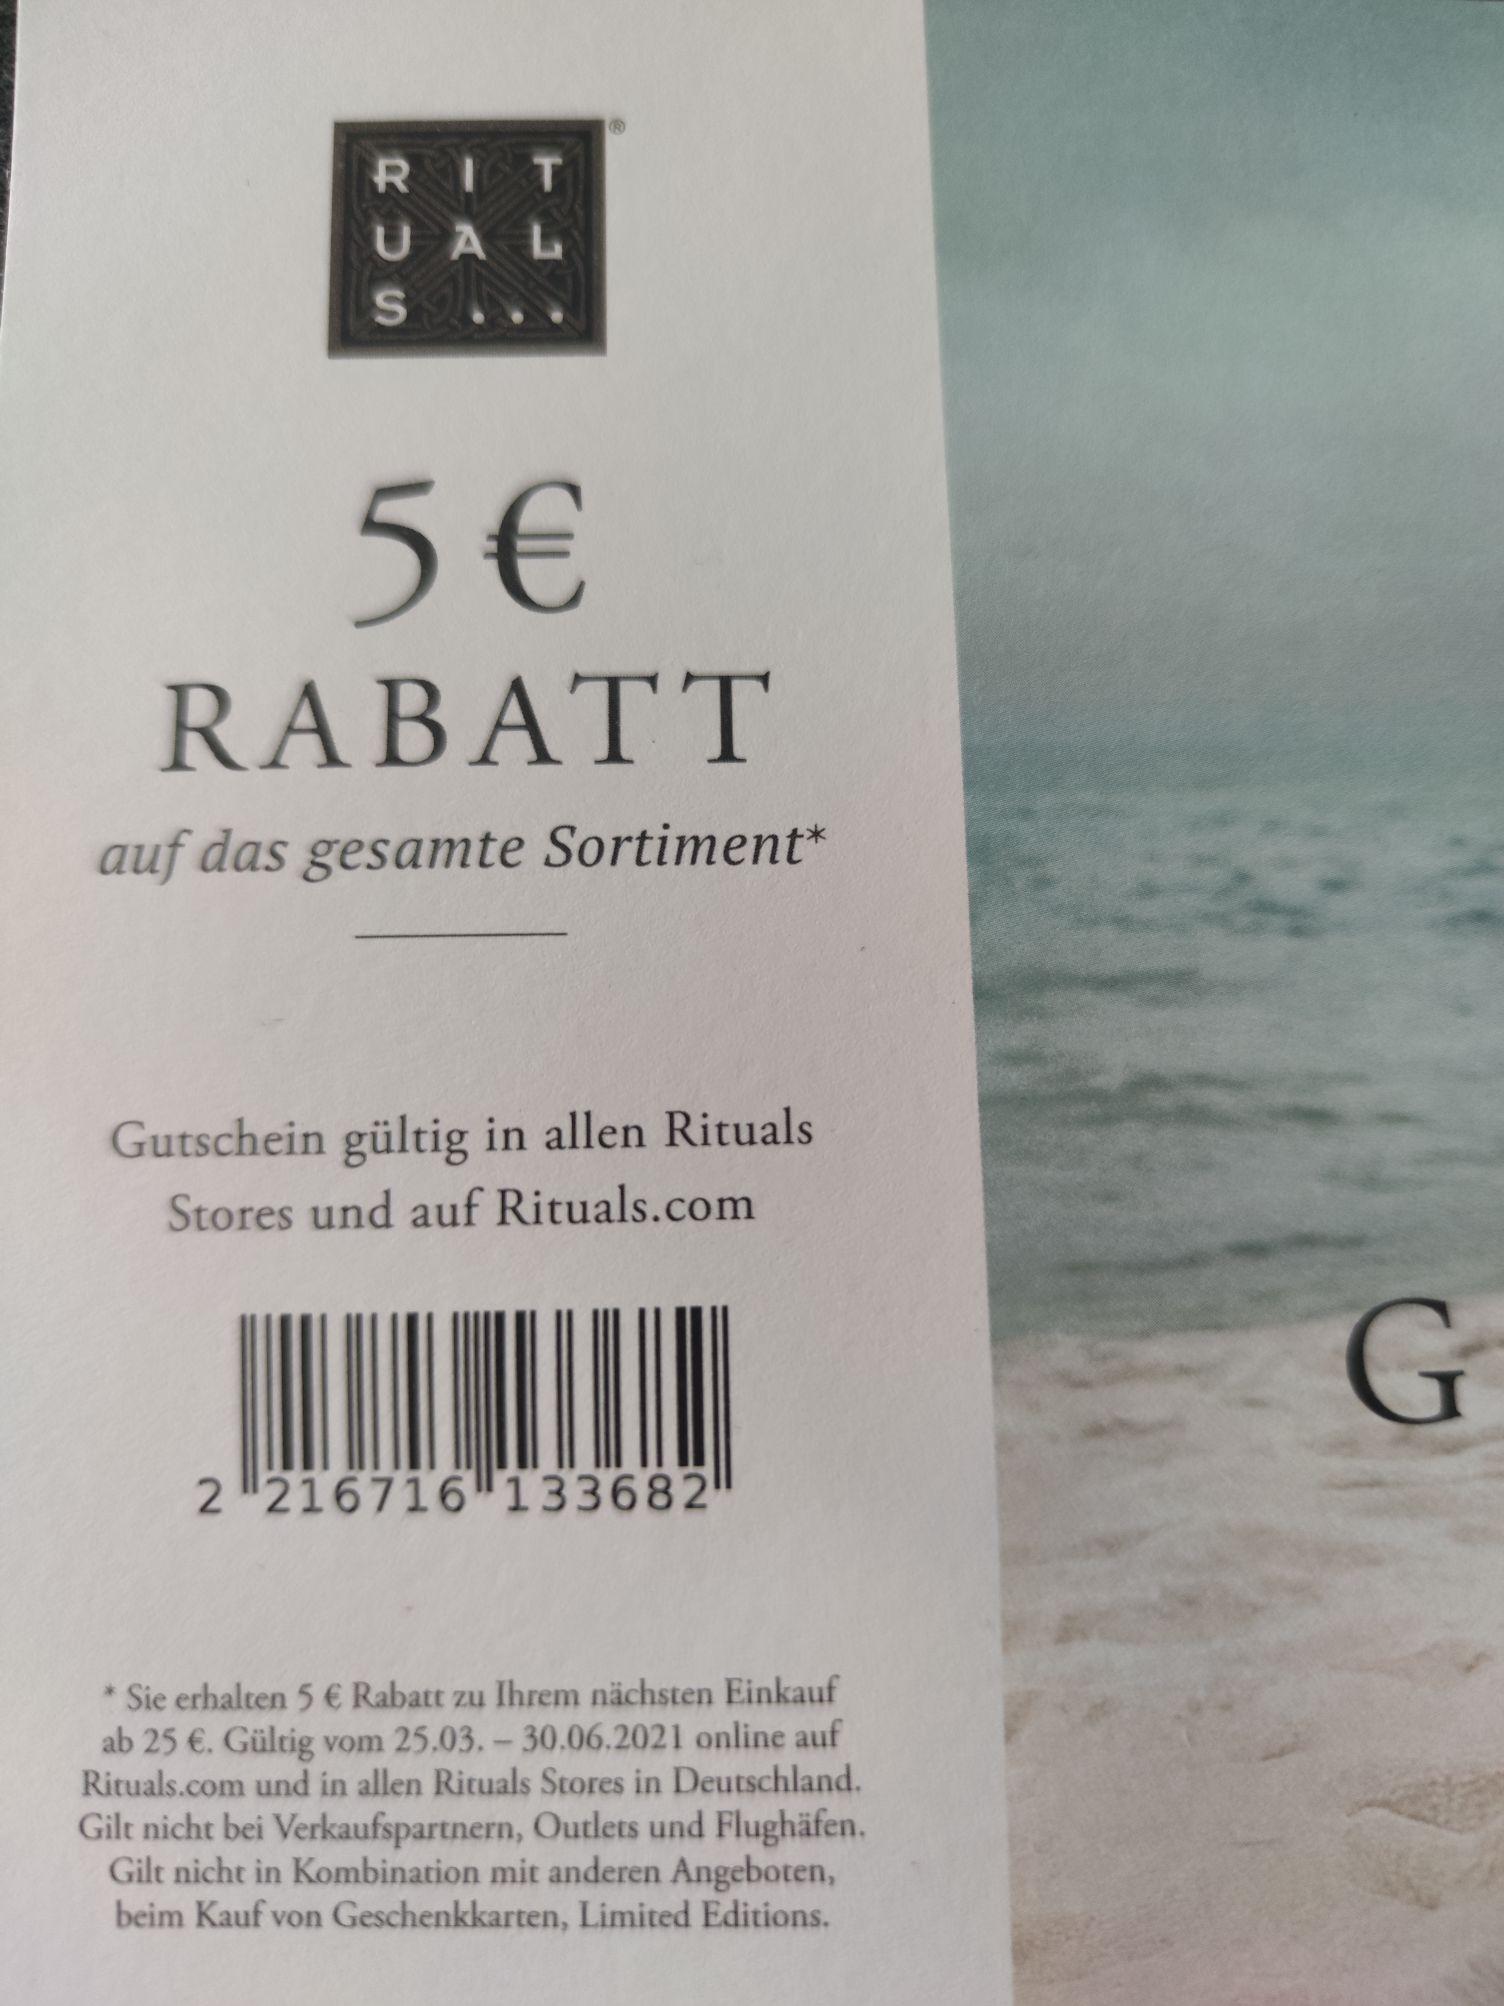 5 € Rabatt ab 25 € MBW bei Rituals